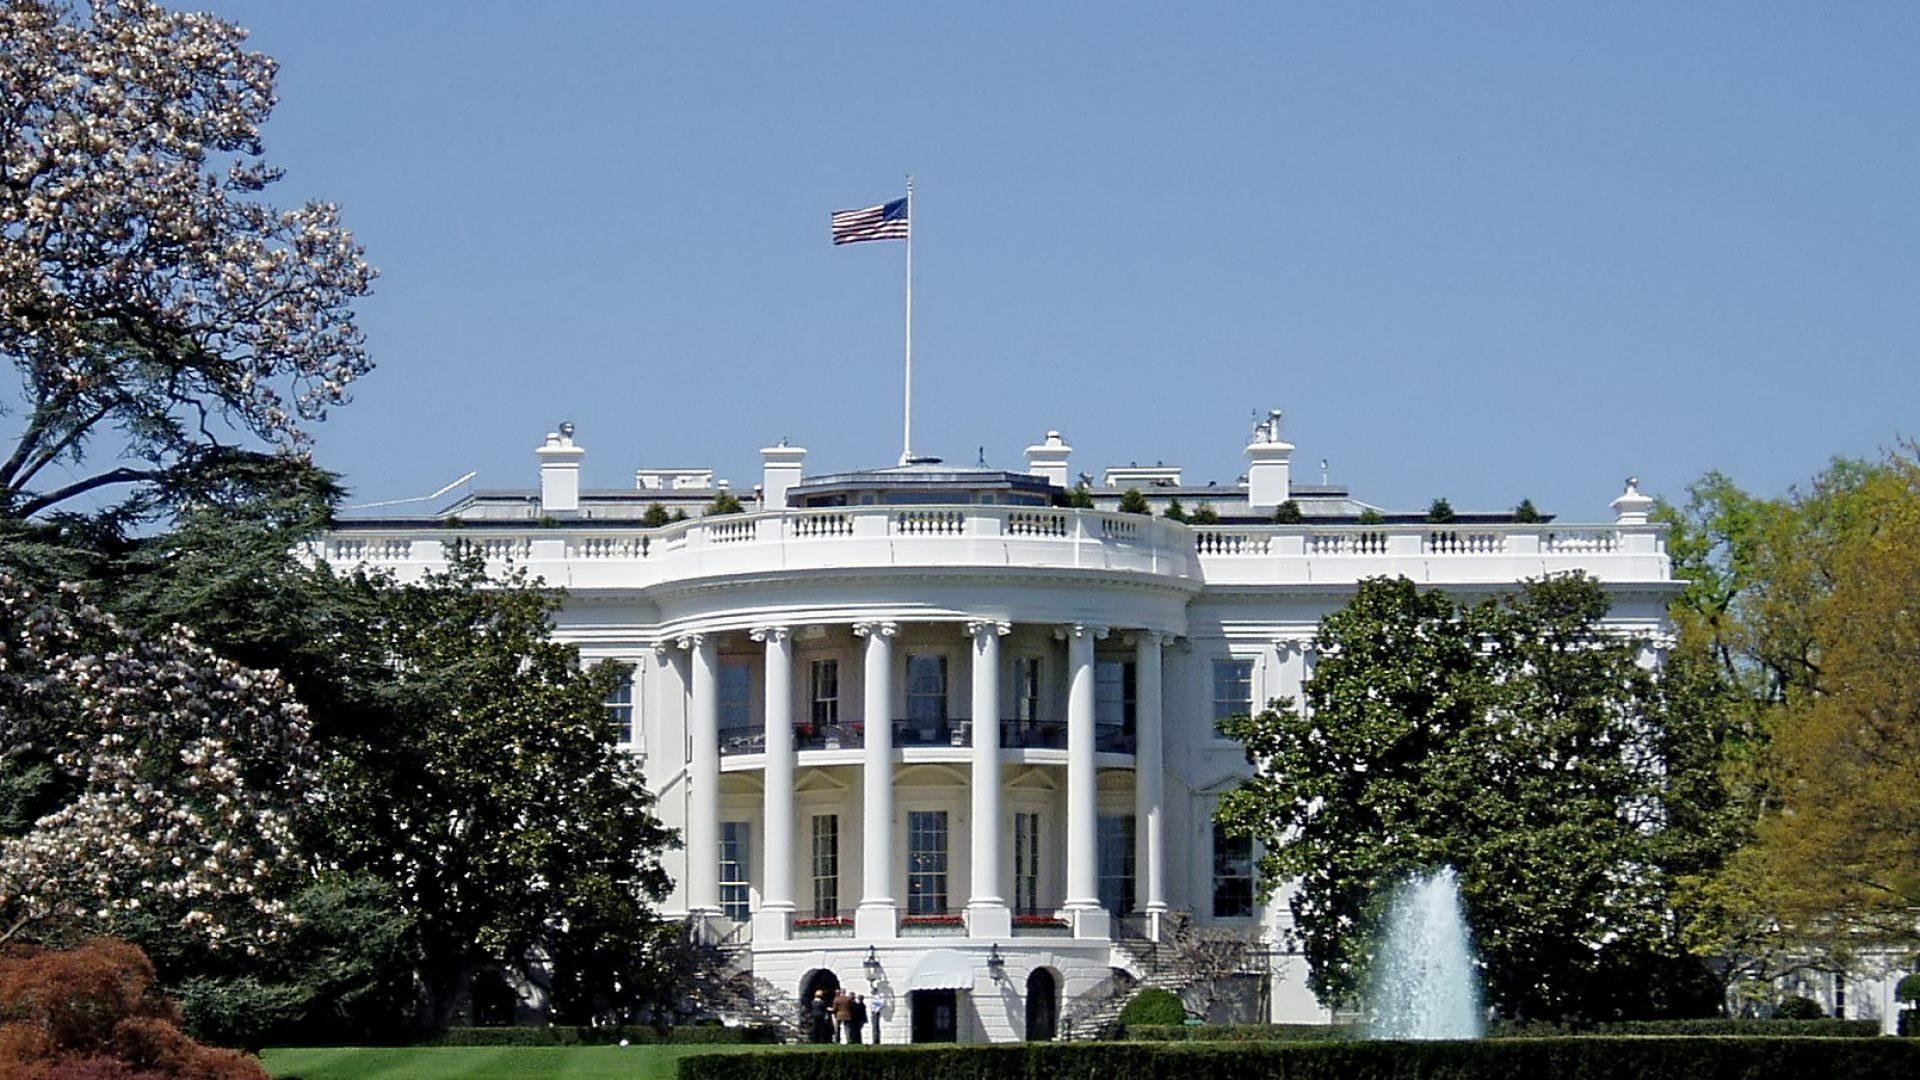 ¡El diseñador floral en jefe de la Casa Blanca, una posición prestigiosa!